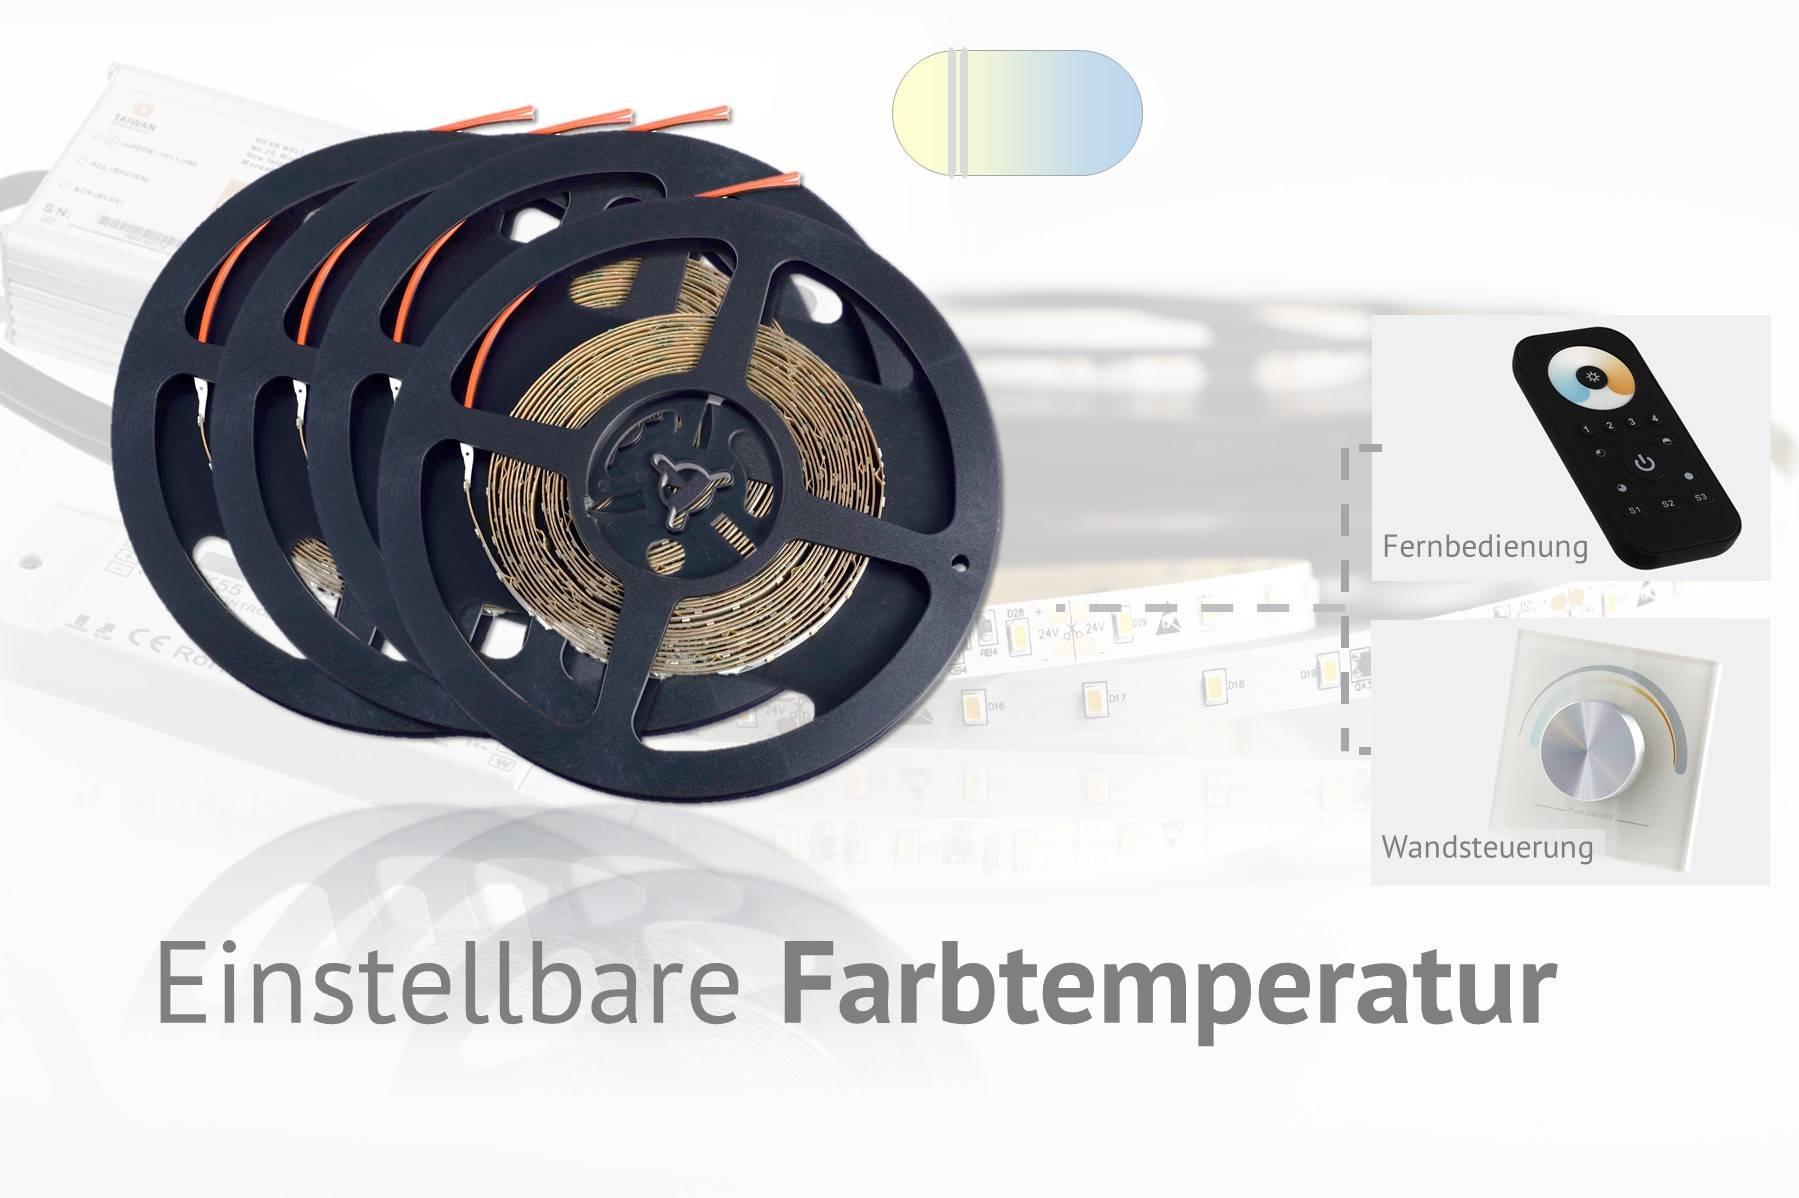 Set für einstellbare Farbtemperatur, warmweiß/kaltweiß